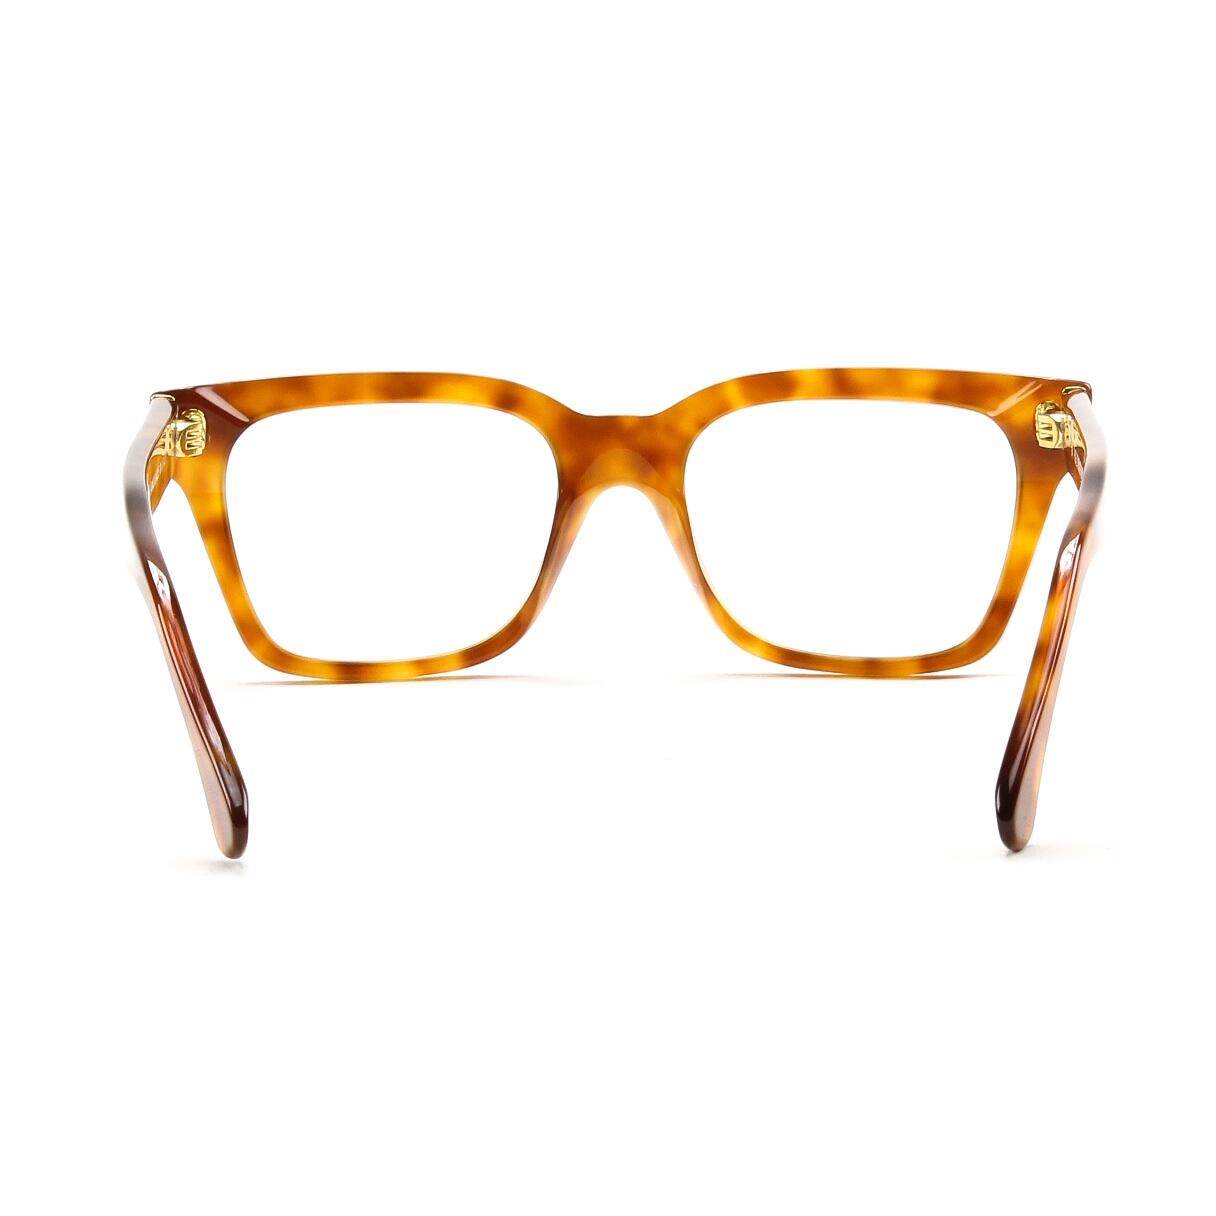 Zeiss Lenses For Eyeglasses | Green Communities Canada